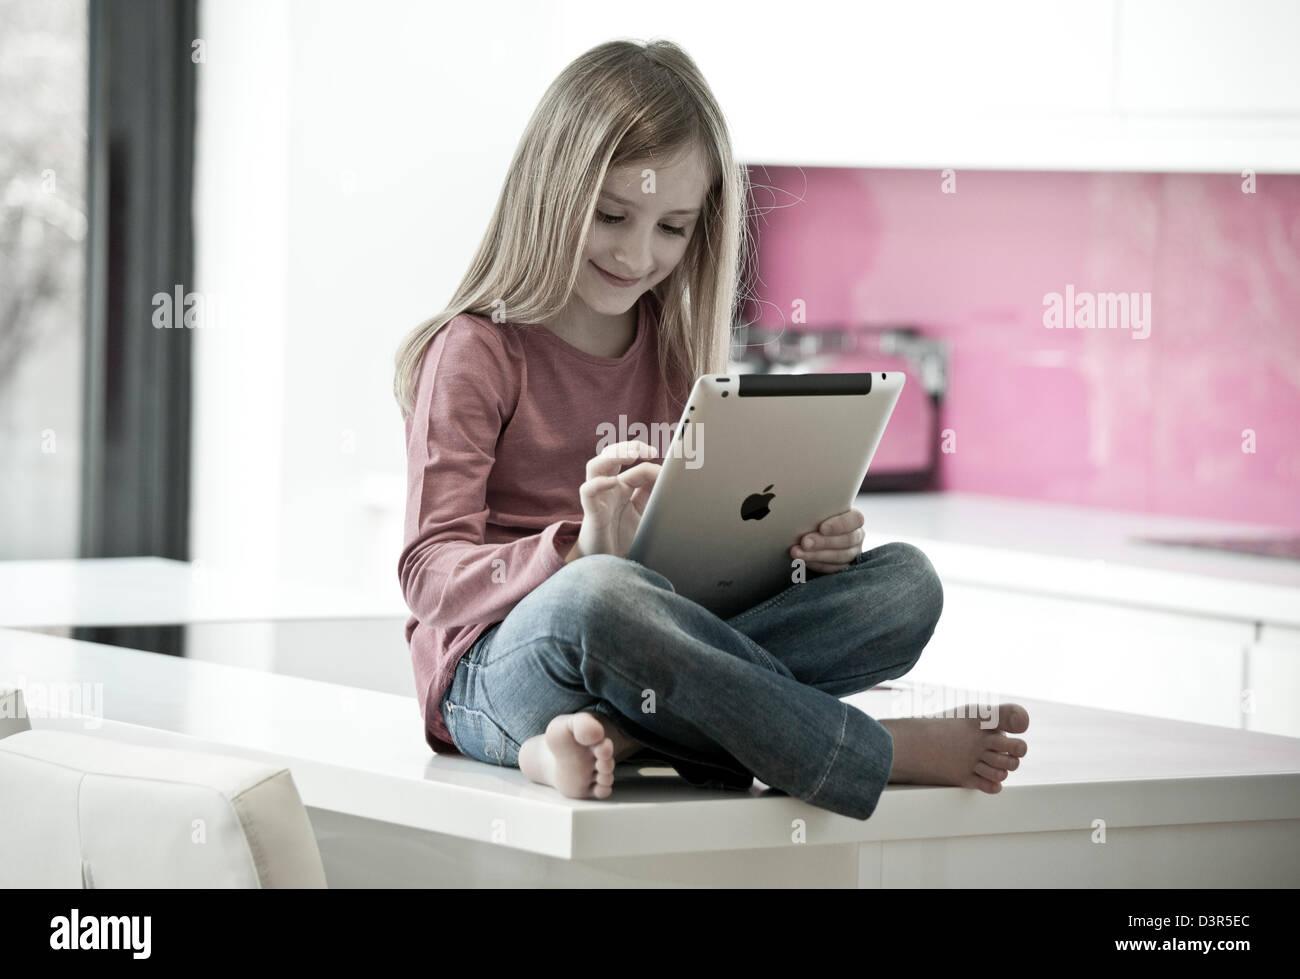 Jeune fille jouant sur un Apple iPad tablet computer Photo Stock